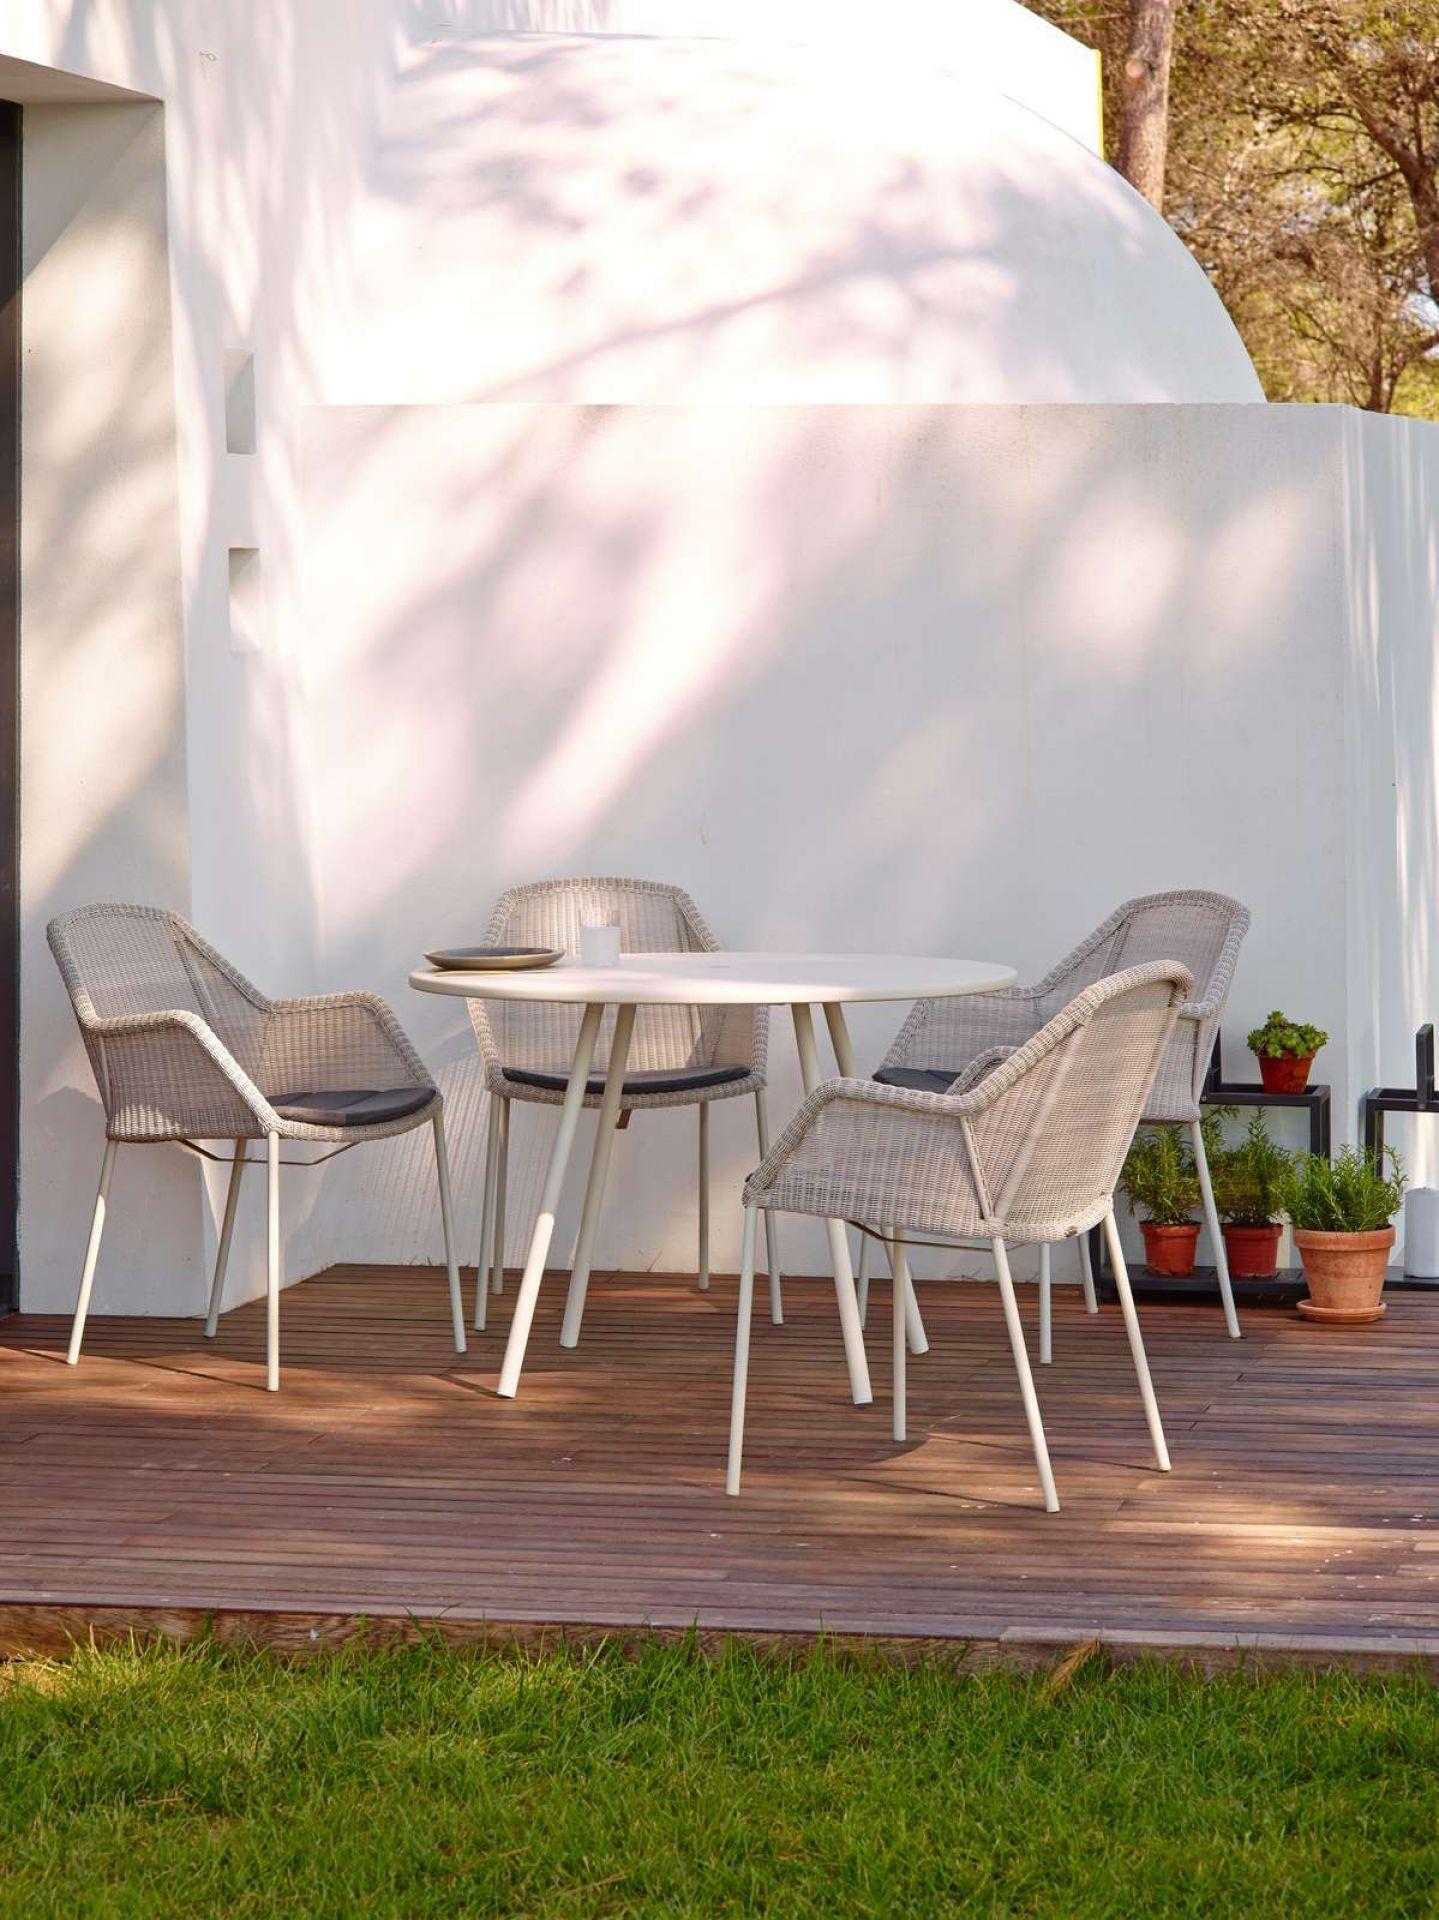 Breeze Outdoor Stuhl Vierfußgestell weiß Cane-Line